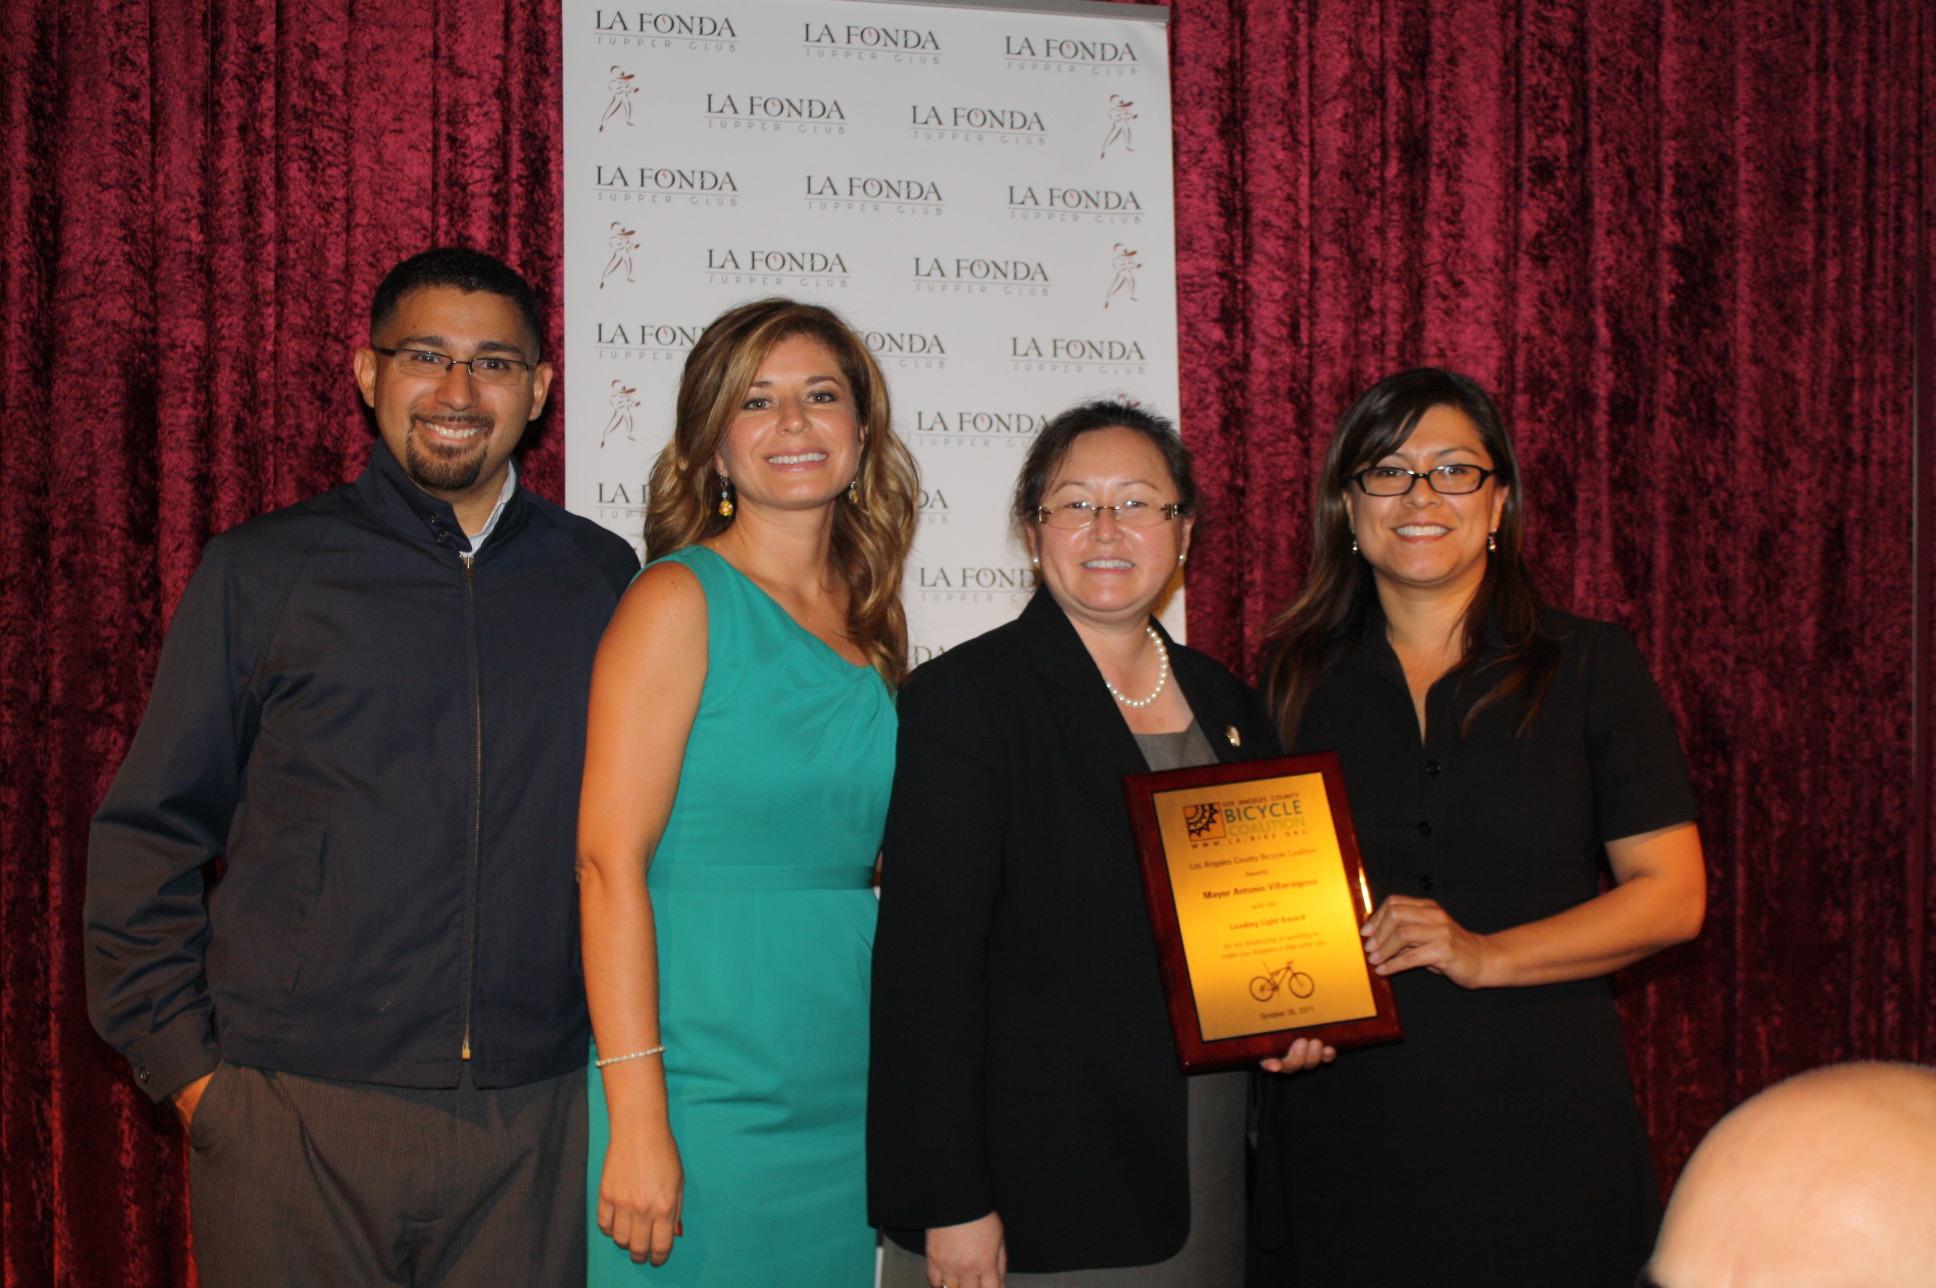 Lisa Sarno y Deanne Gómez recibieron a nombre del Alcalde Villaraigosa el reconocimiento de Andy Rodríguez y Lourdes López, City of Lights. (Foto Agustín Durán/El Pasajero)